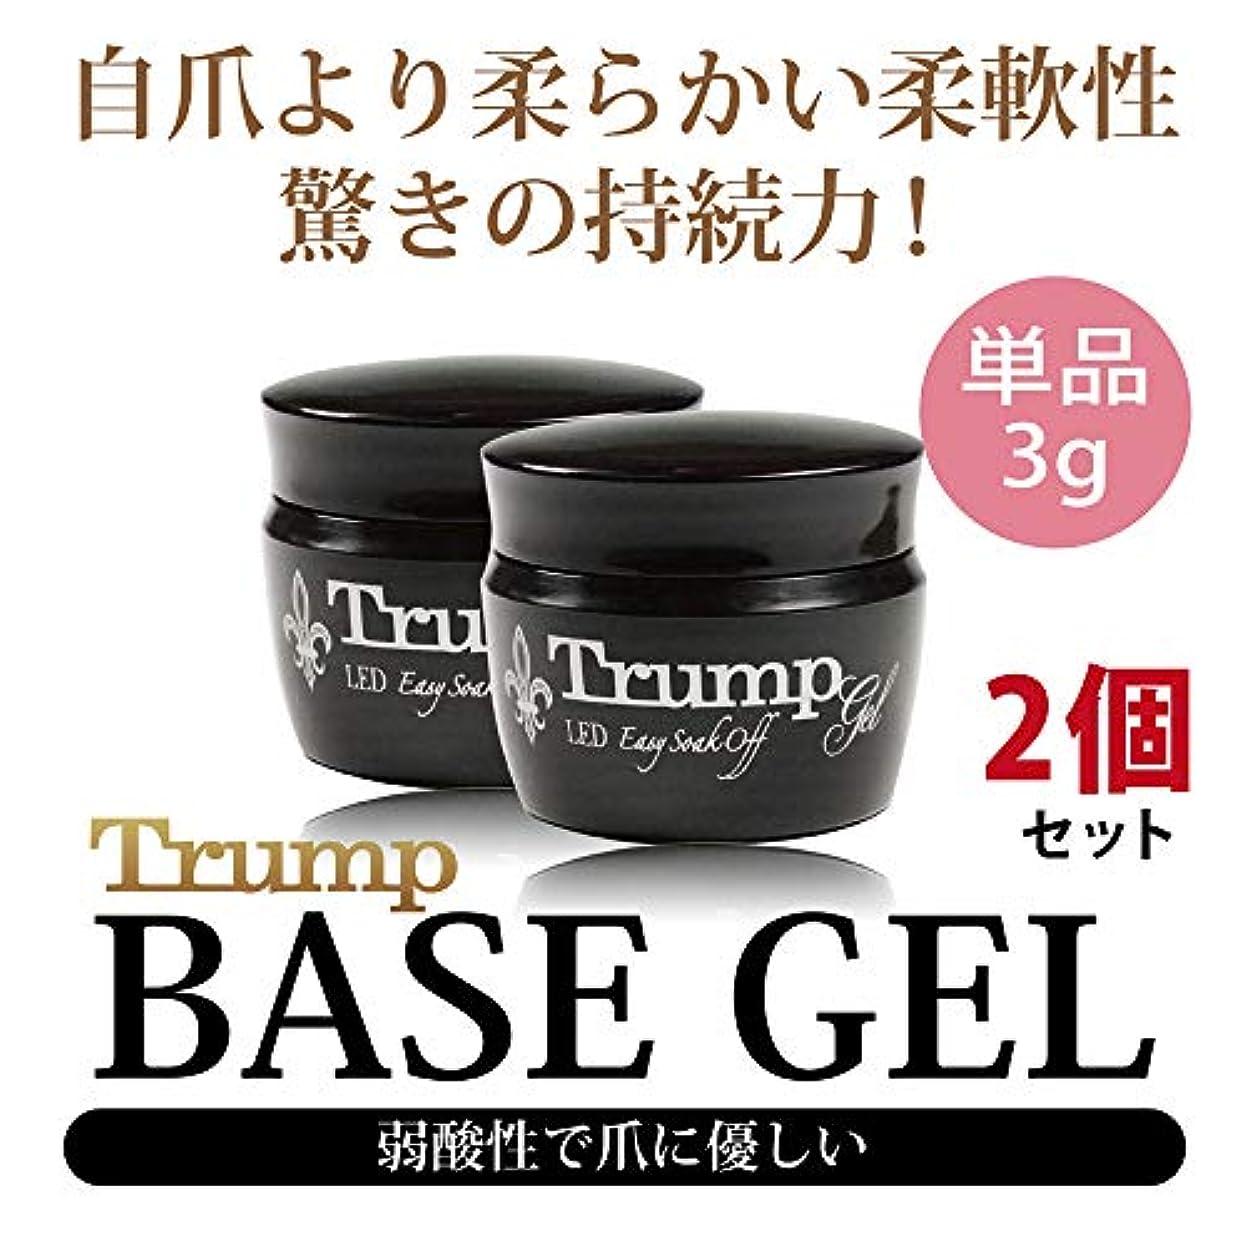 用語集メカニック用語集Trump gel ベースジェル 3g 2個セット